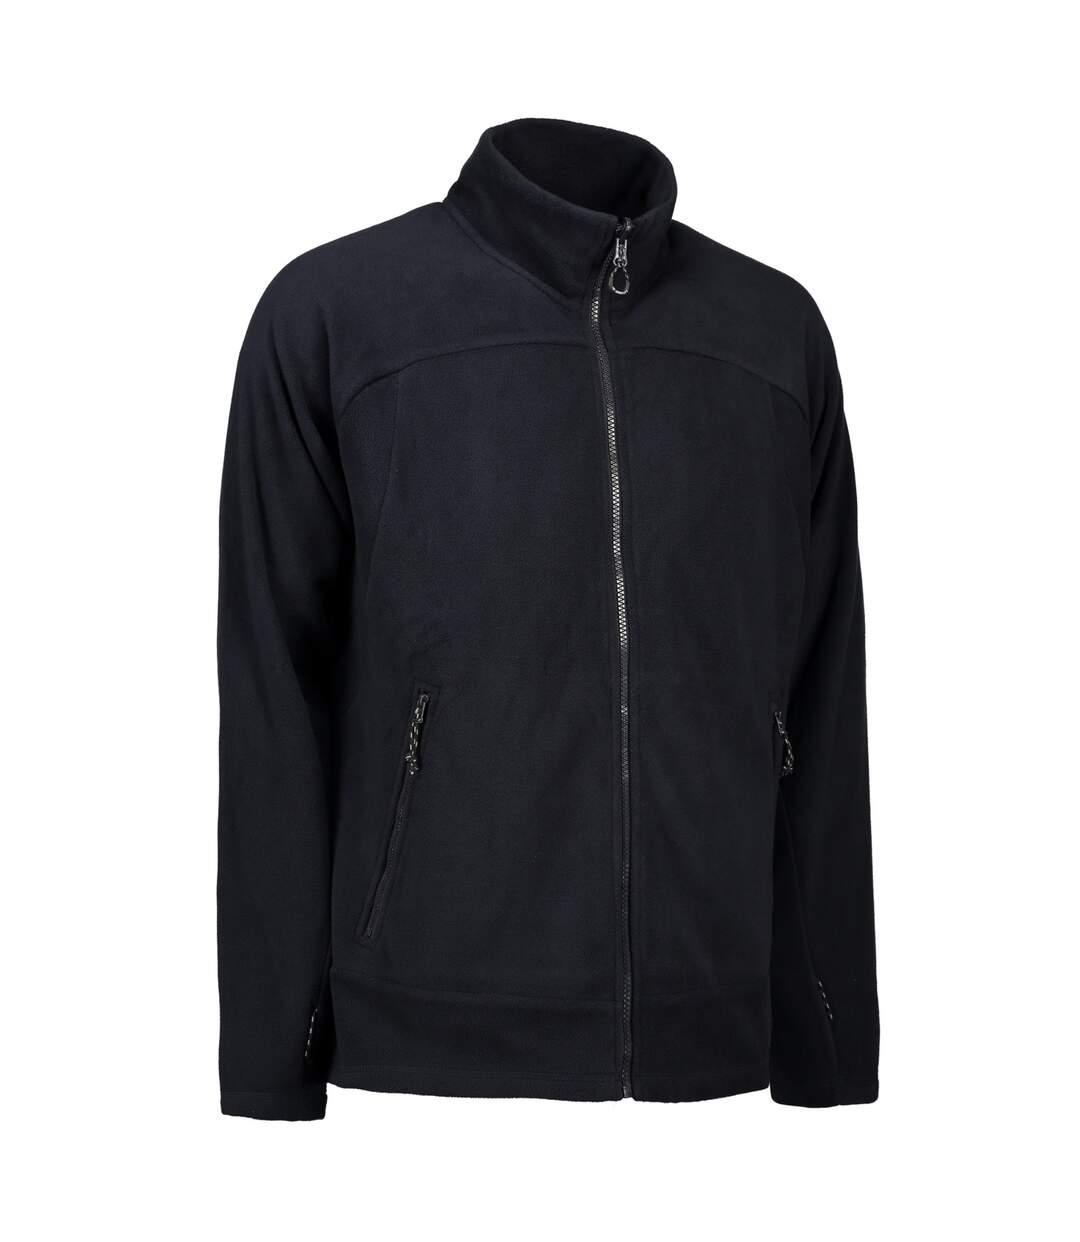 ID Mens Zip N Mix Active Fleece Jacket (Bordeaux) - UTID425